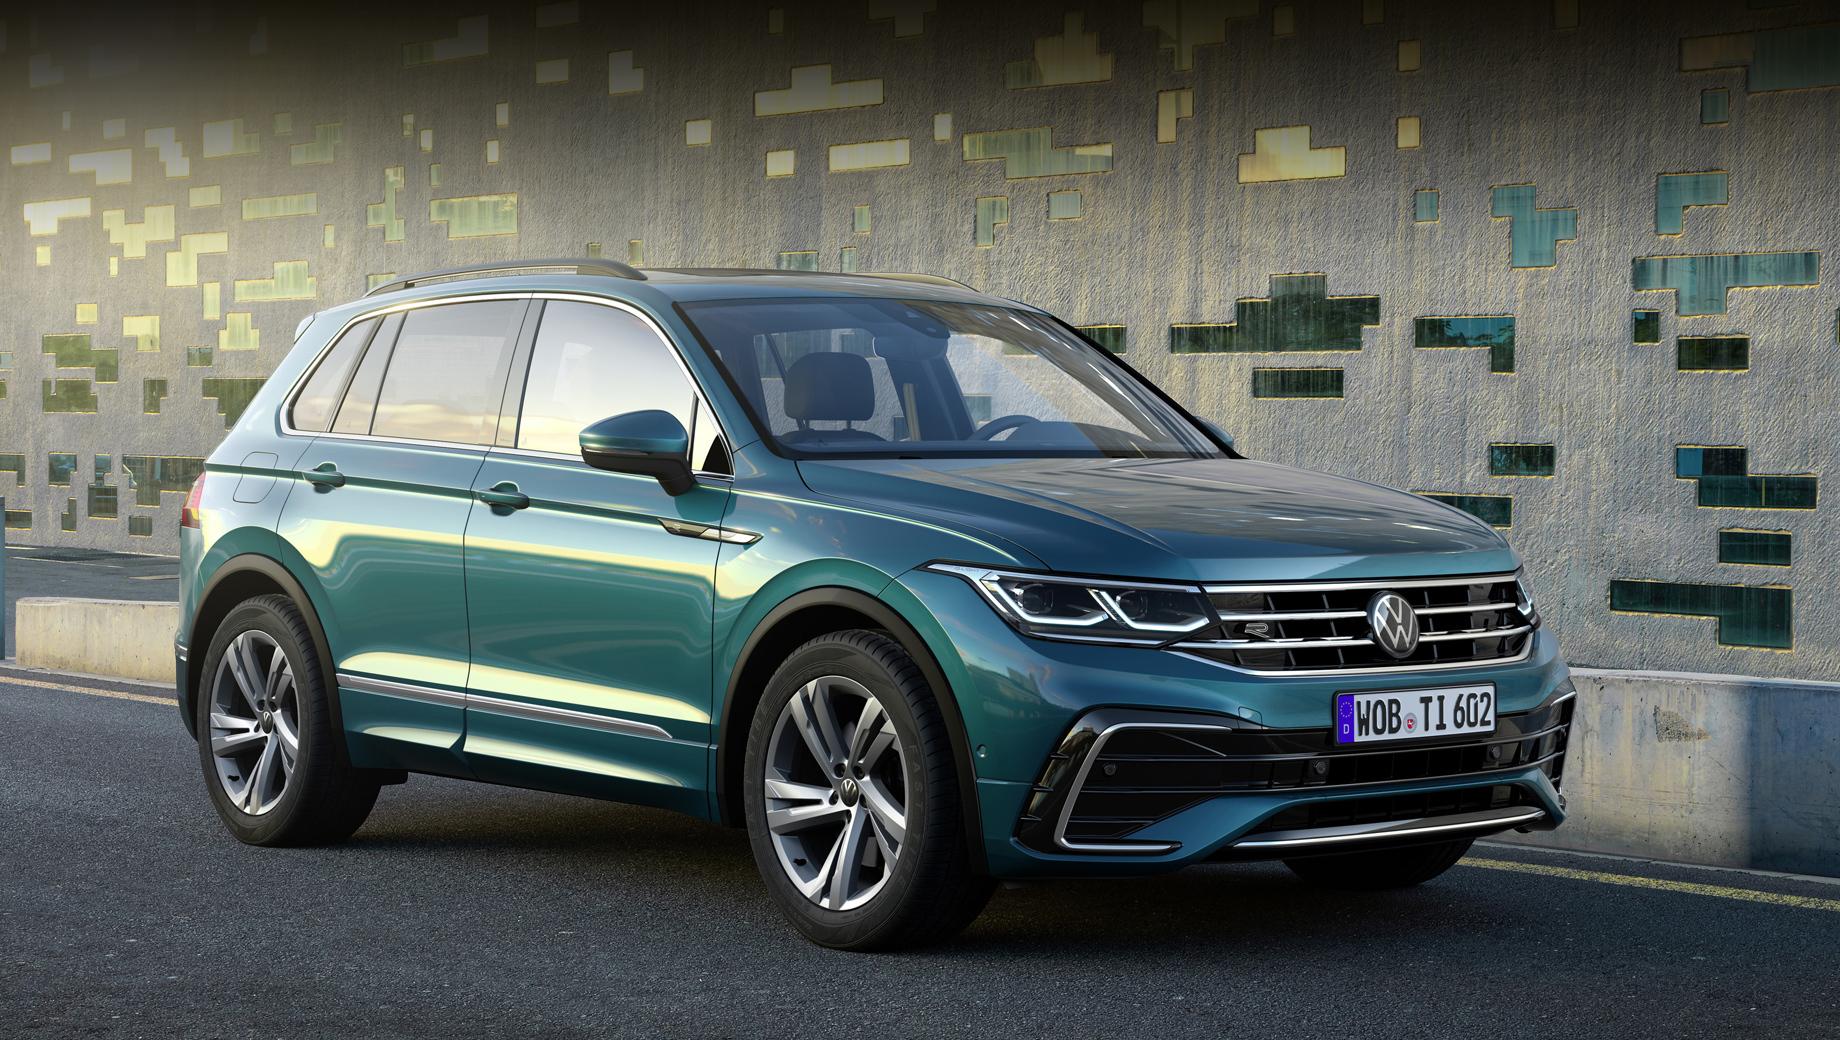 Volkswagen tiguan,Volkswagen tiguan r,Volkswagen tiguan ehybrid. Производитель говорит, что Tiguan является одним из самых популярных кроссоверов в мире и самым покупаемым автомобилем концерна Volkswagen. В 2019 году его продажи составили около 911 000 штук.